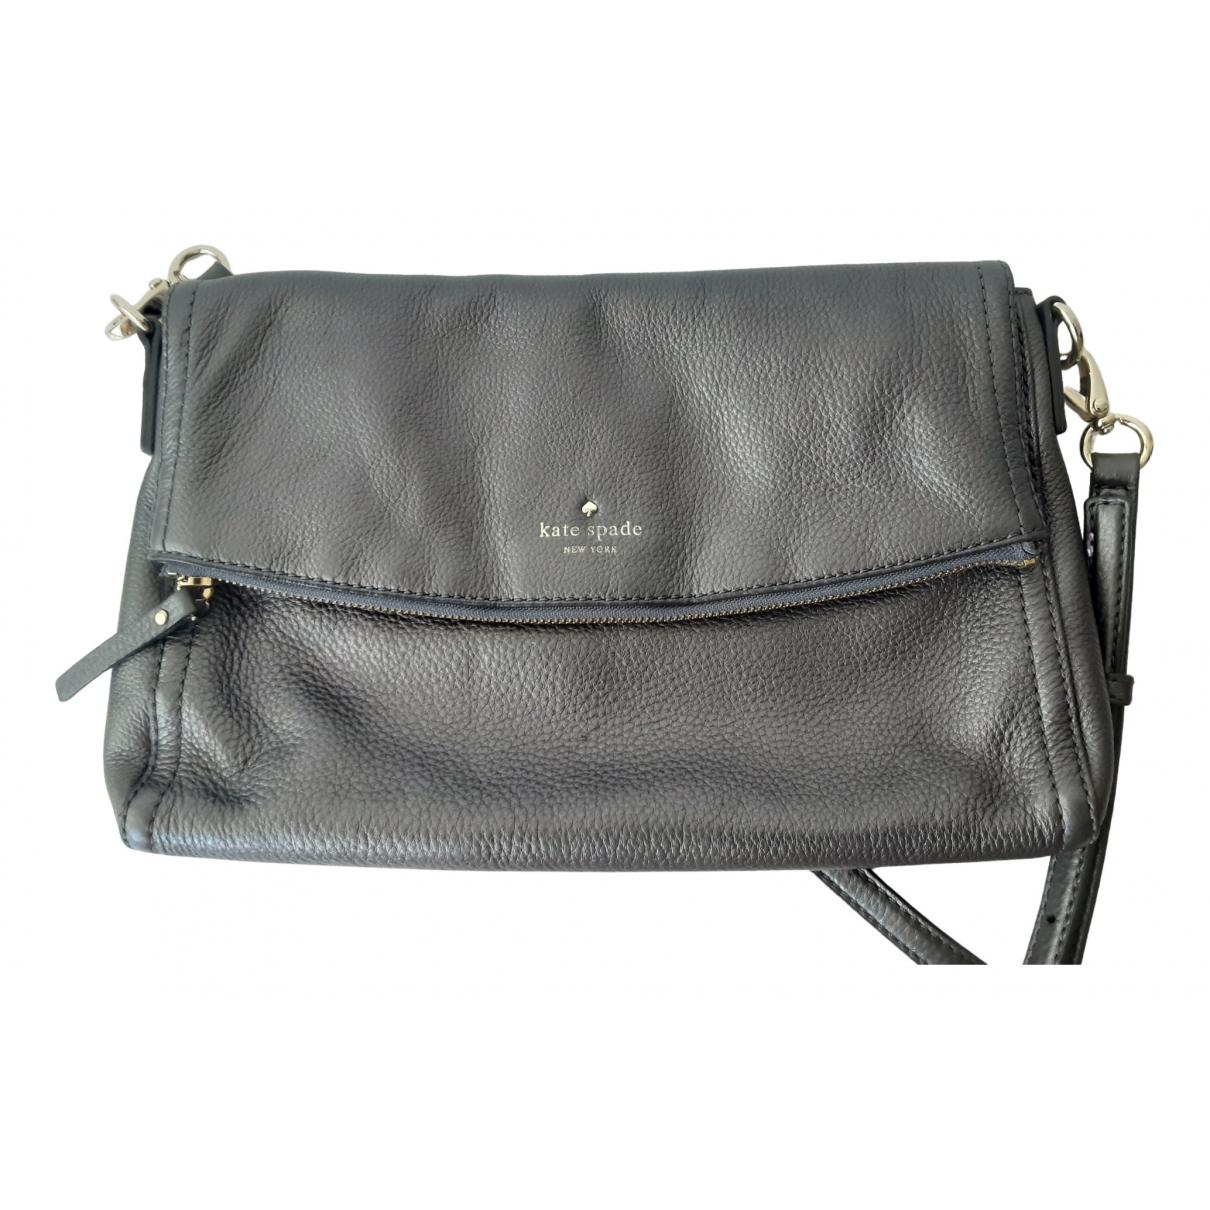 Kate Spade \N Handtasche in  Grau Leder